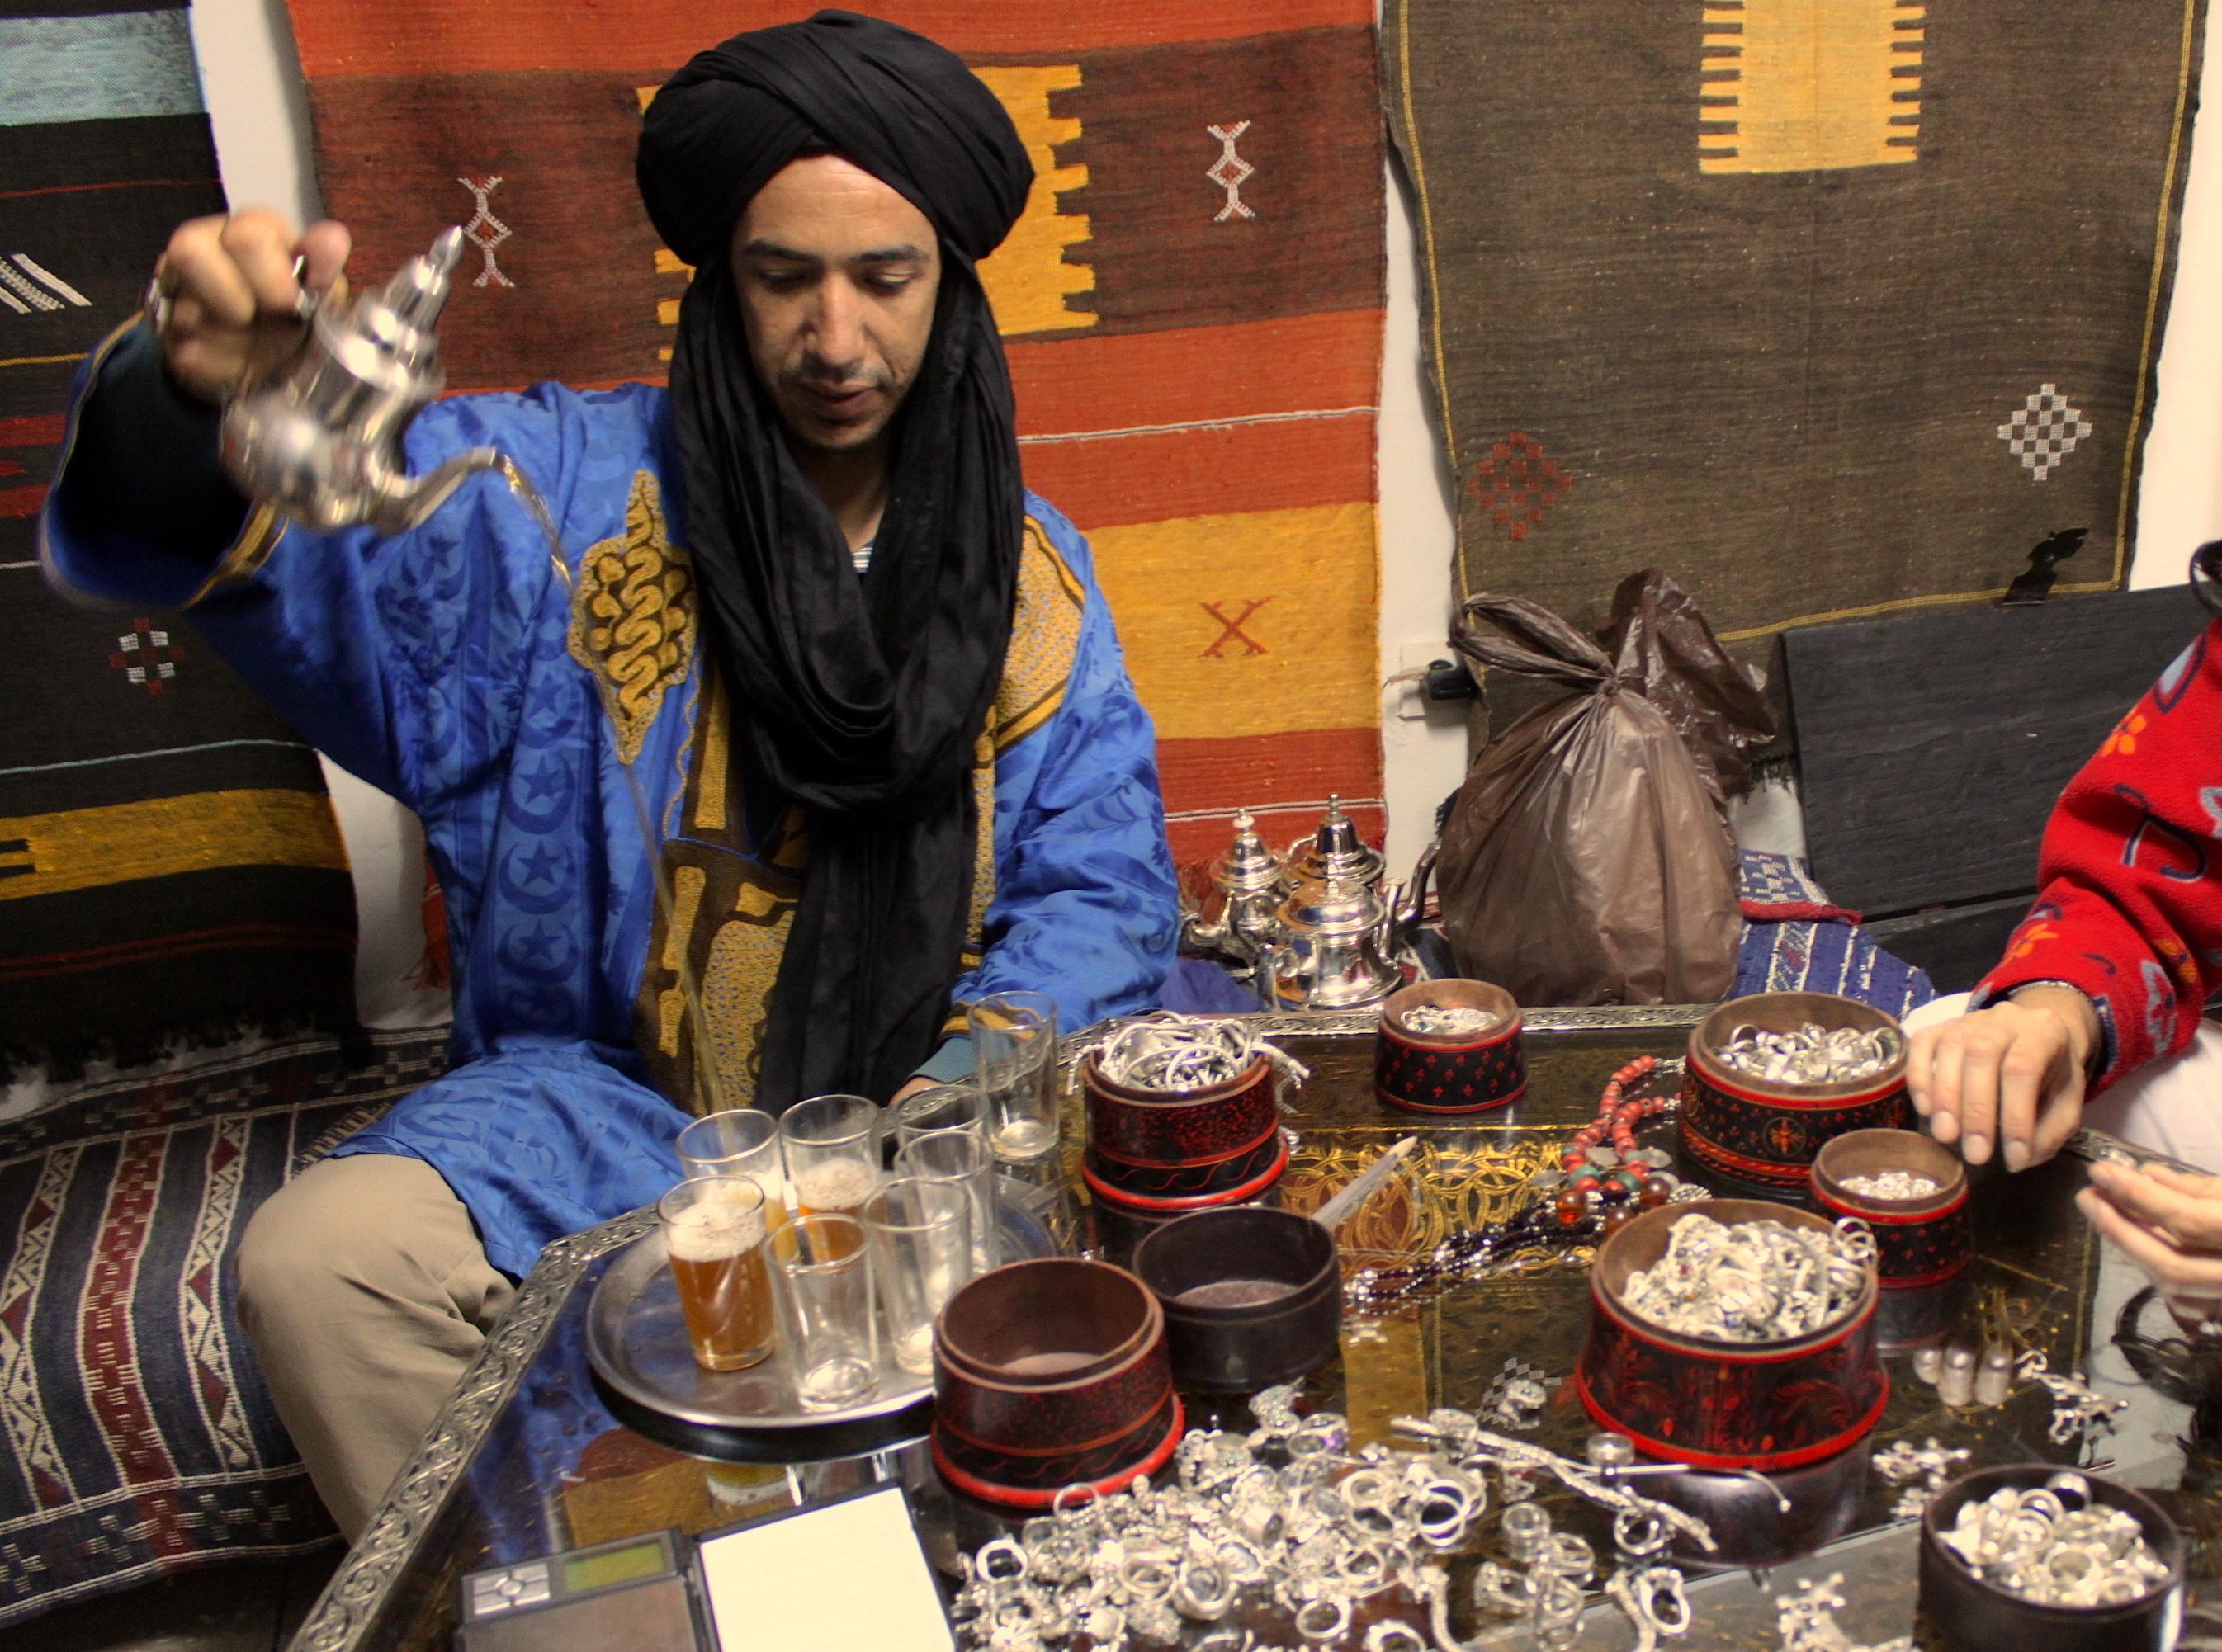 Se vuoi comprare l'argento prima devi sederti, bere tè alla menta, e parlare della tua vita